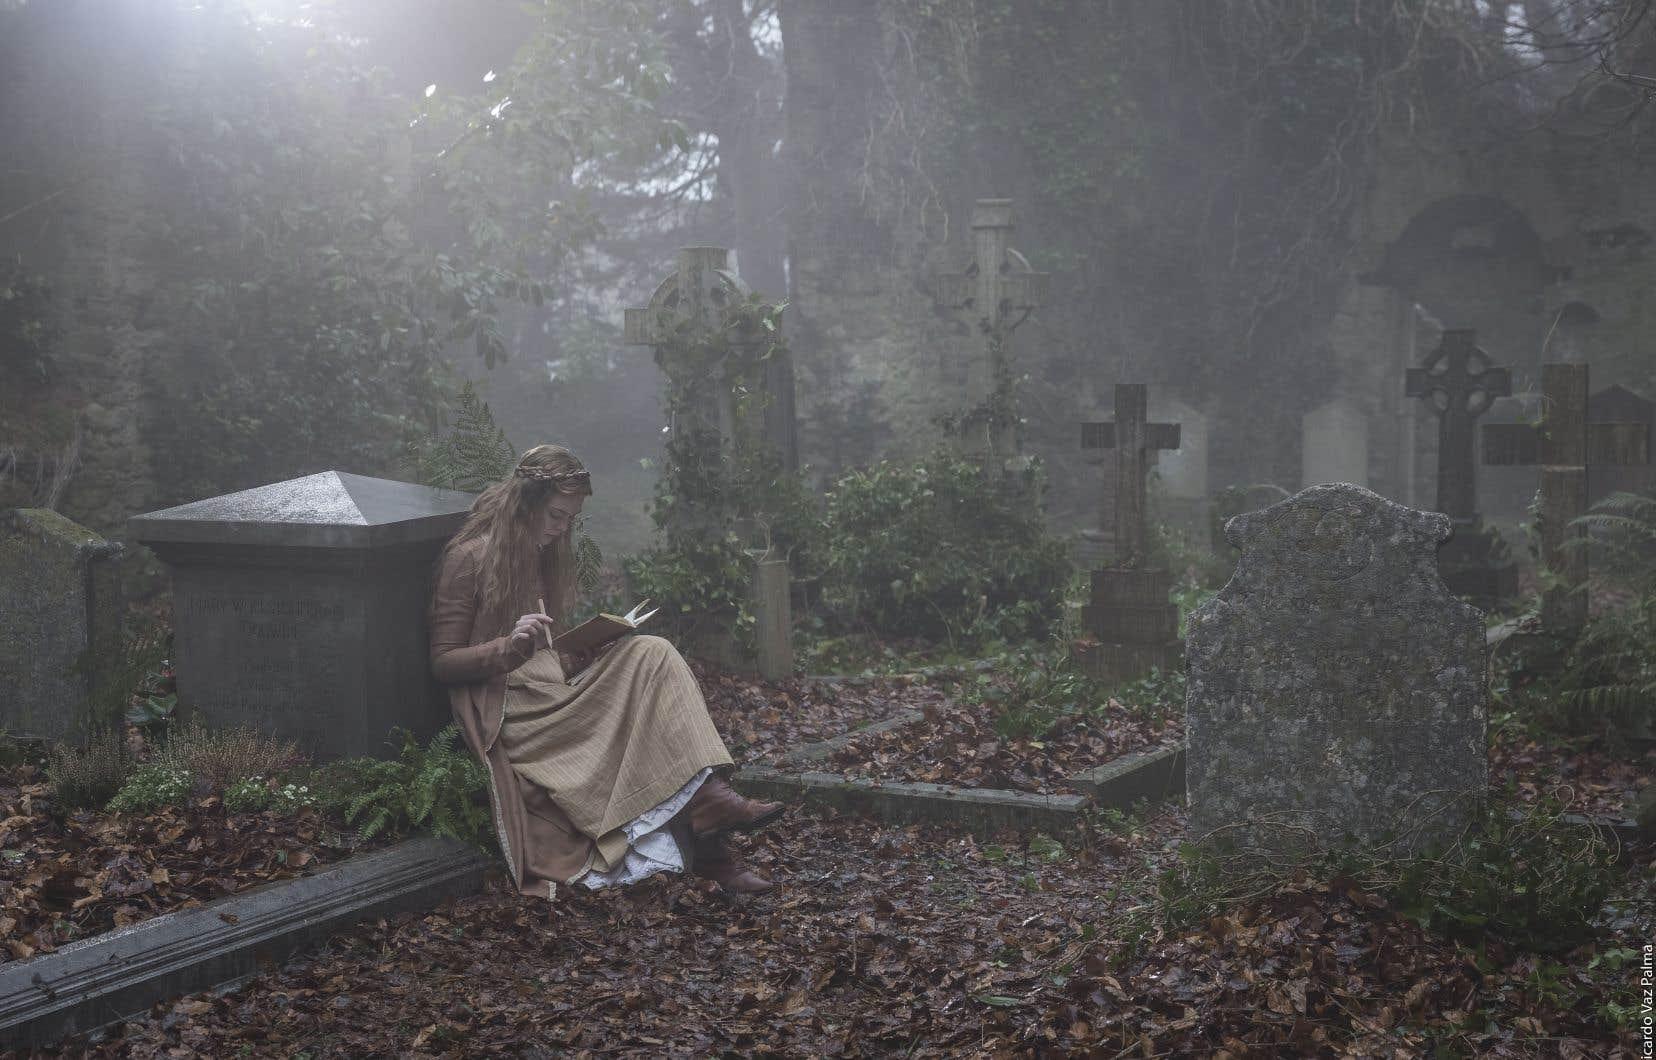 Dans le film, on découvre Mary Shelley, déjà jeune fille, en pleine élaboration d'un poème… assise dans un cimetière en ruines.